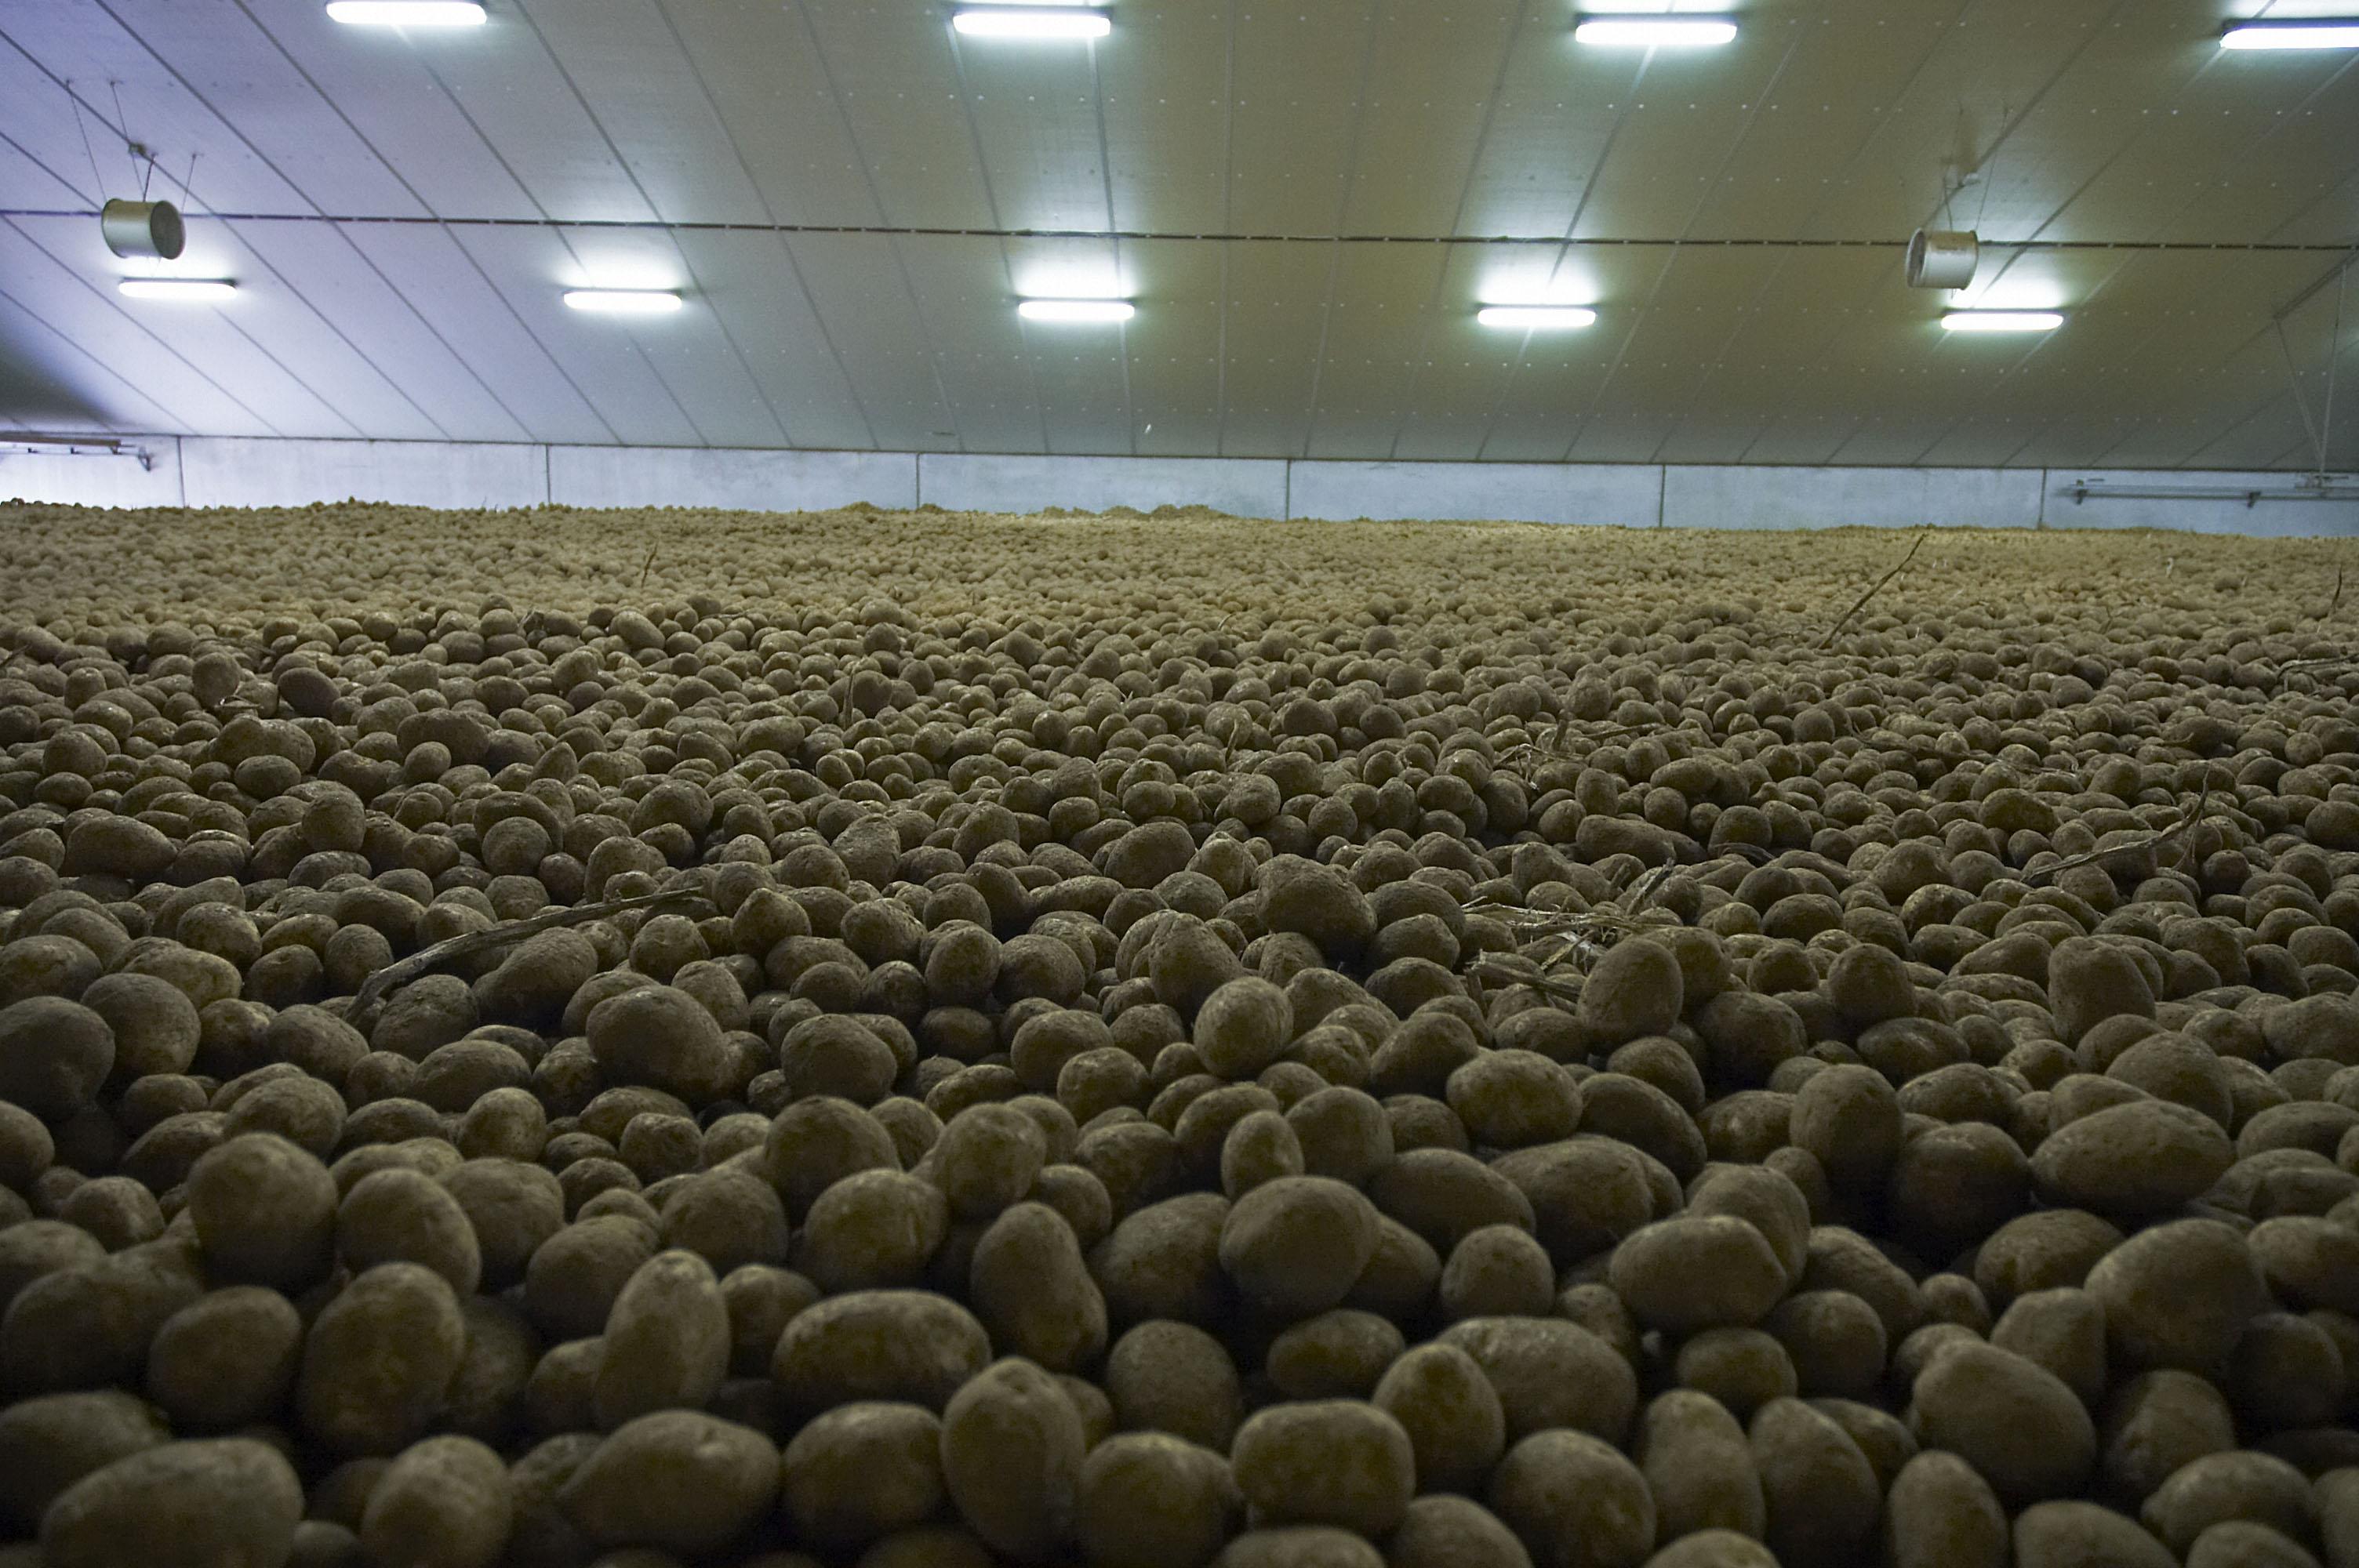 Maladie vermiculaire de la pomme de terre - Comment conserver pomme de terre ...